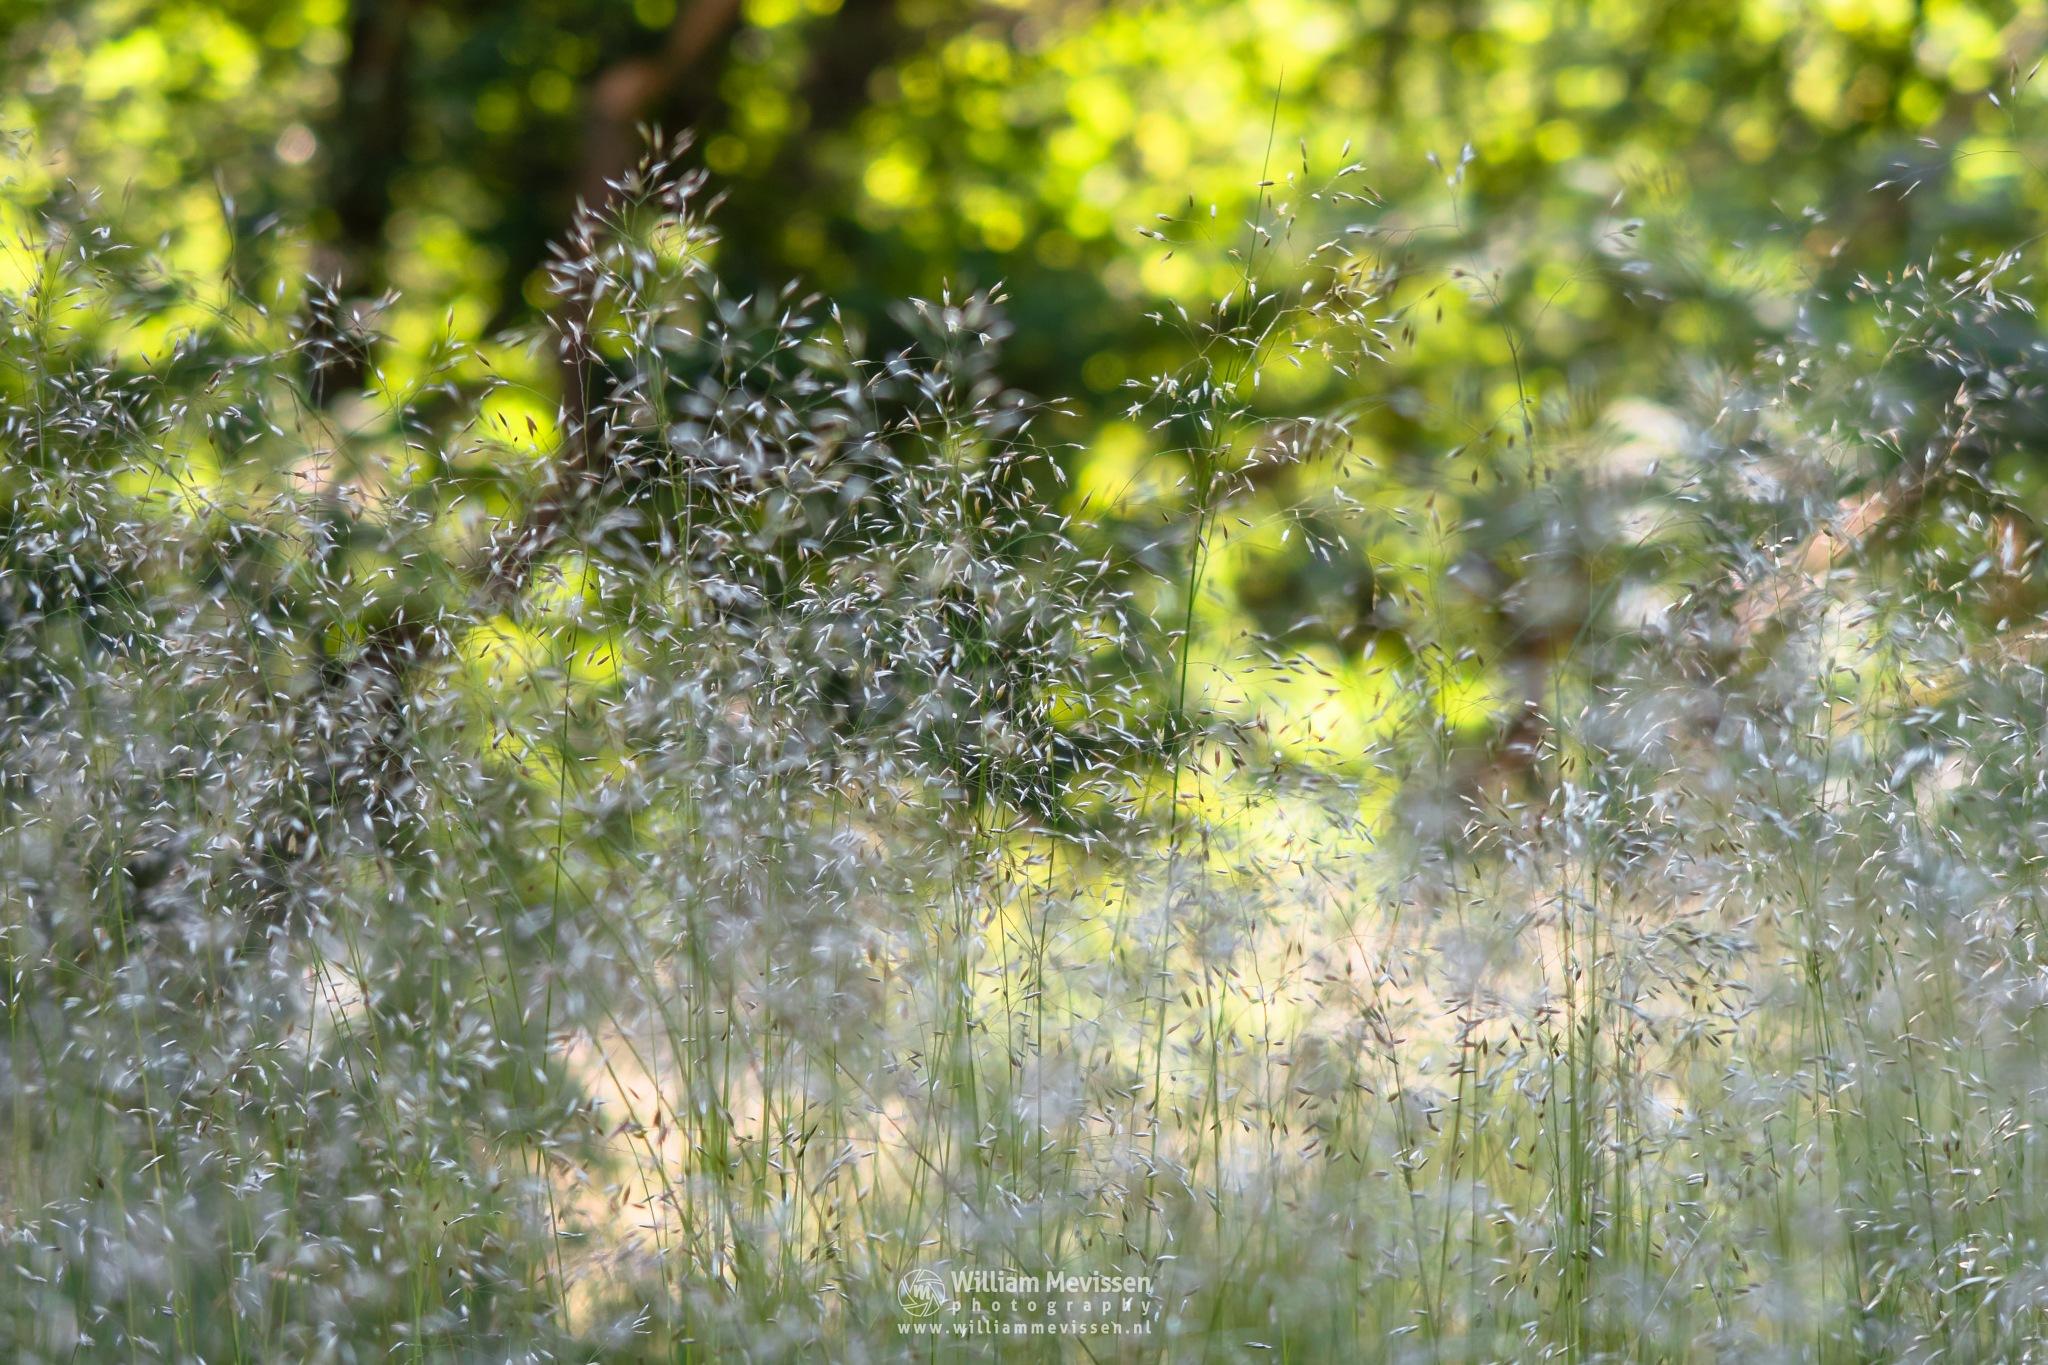 Grass Bokeh Forest by William Mevissen